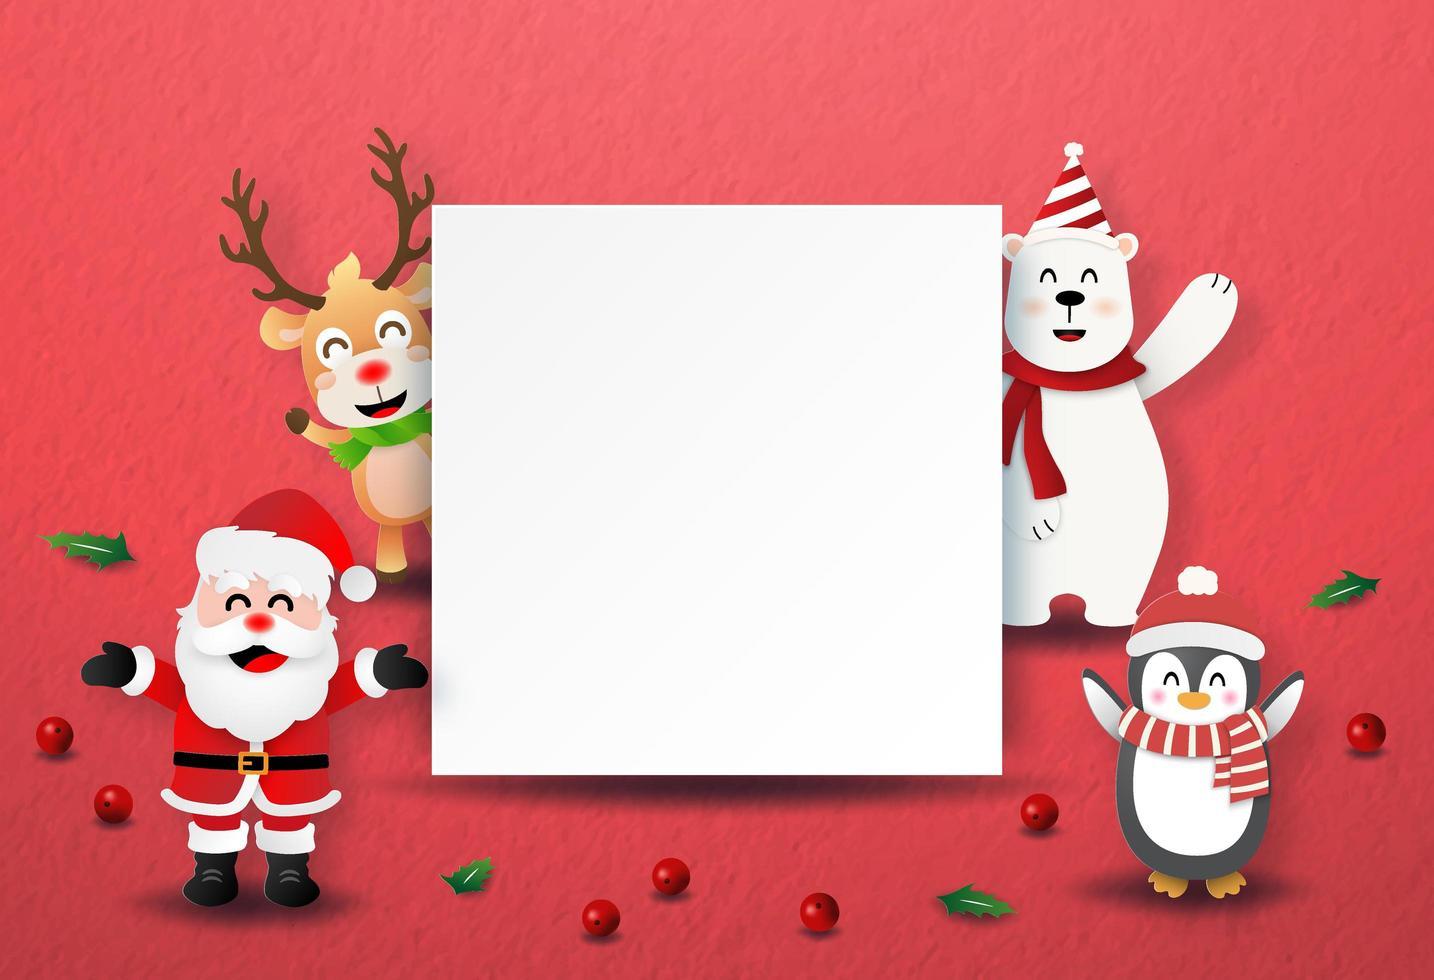 origami paper art style santa claus y personajes navideños con etiqueta en blanco vector